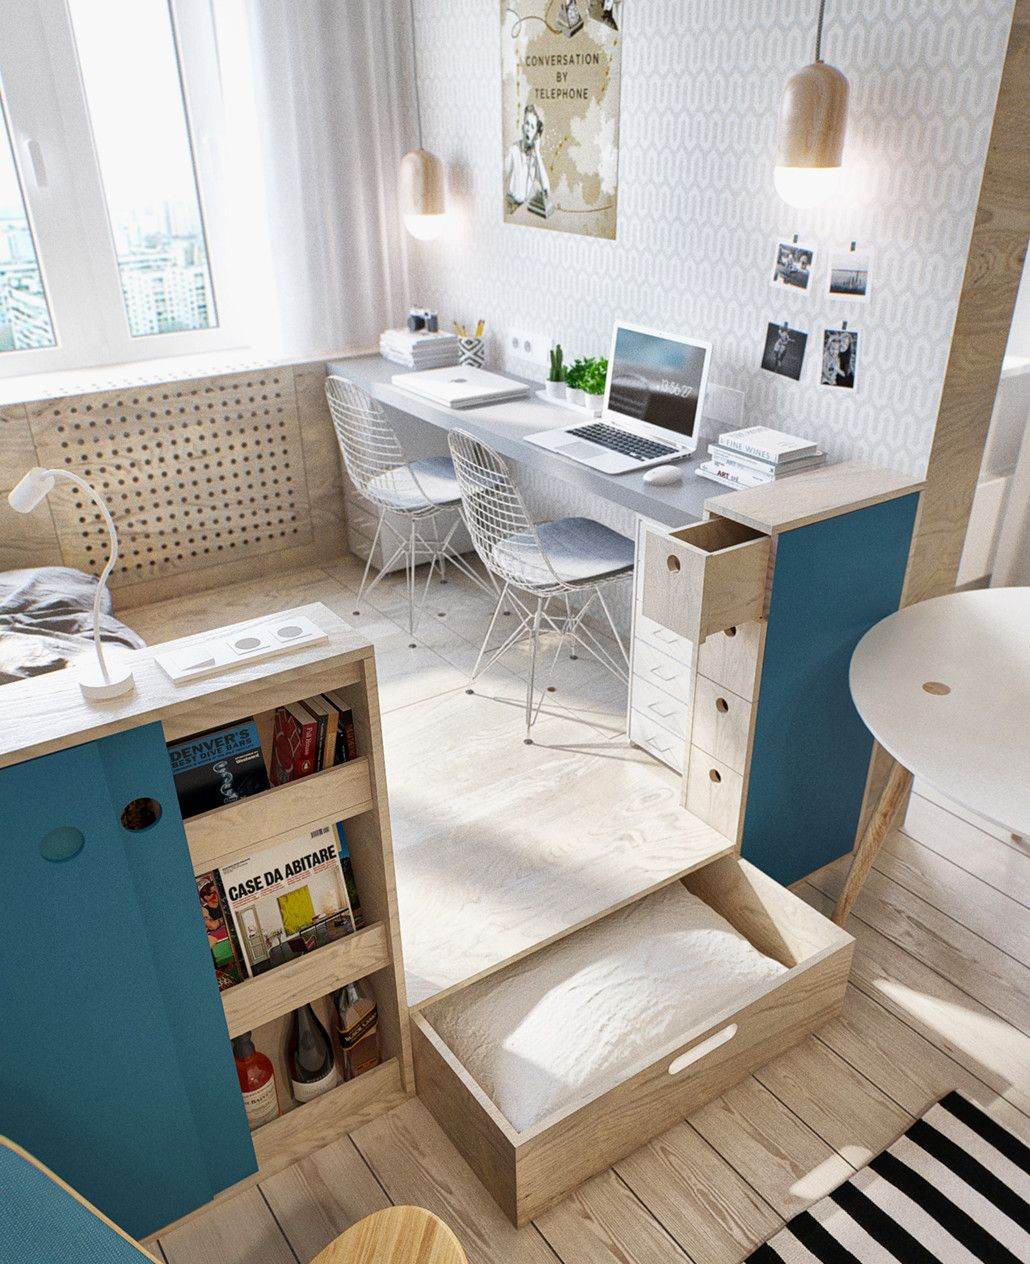 kleine wohnung modern und funktionell einrichten_kleines schlafzimmer einrichten in 1 zimmer wohnung - Langes Schmales Schlafzimmer Einrichten